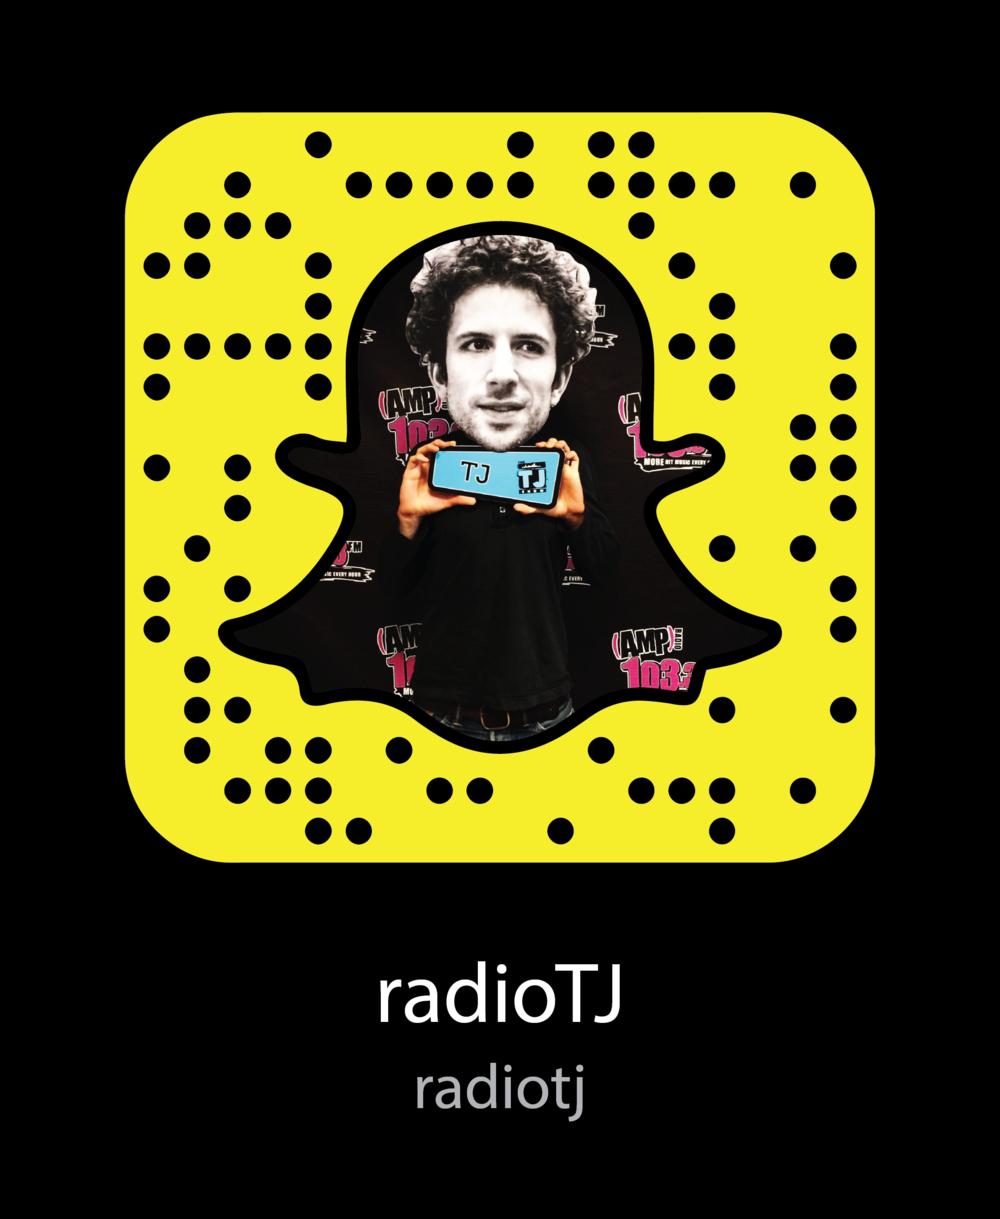 radiotj-Radio-Stations-snapchat-snapcode.png